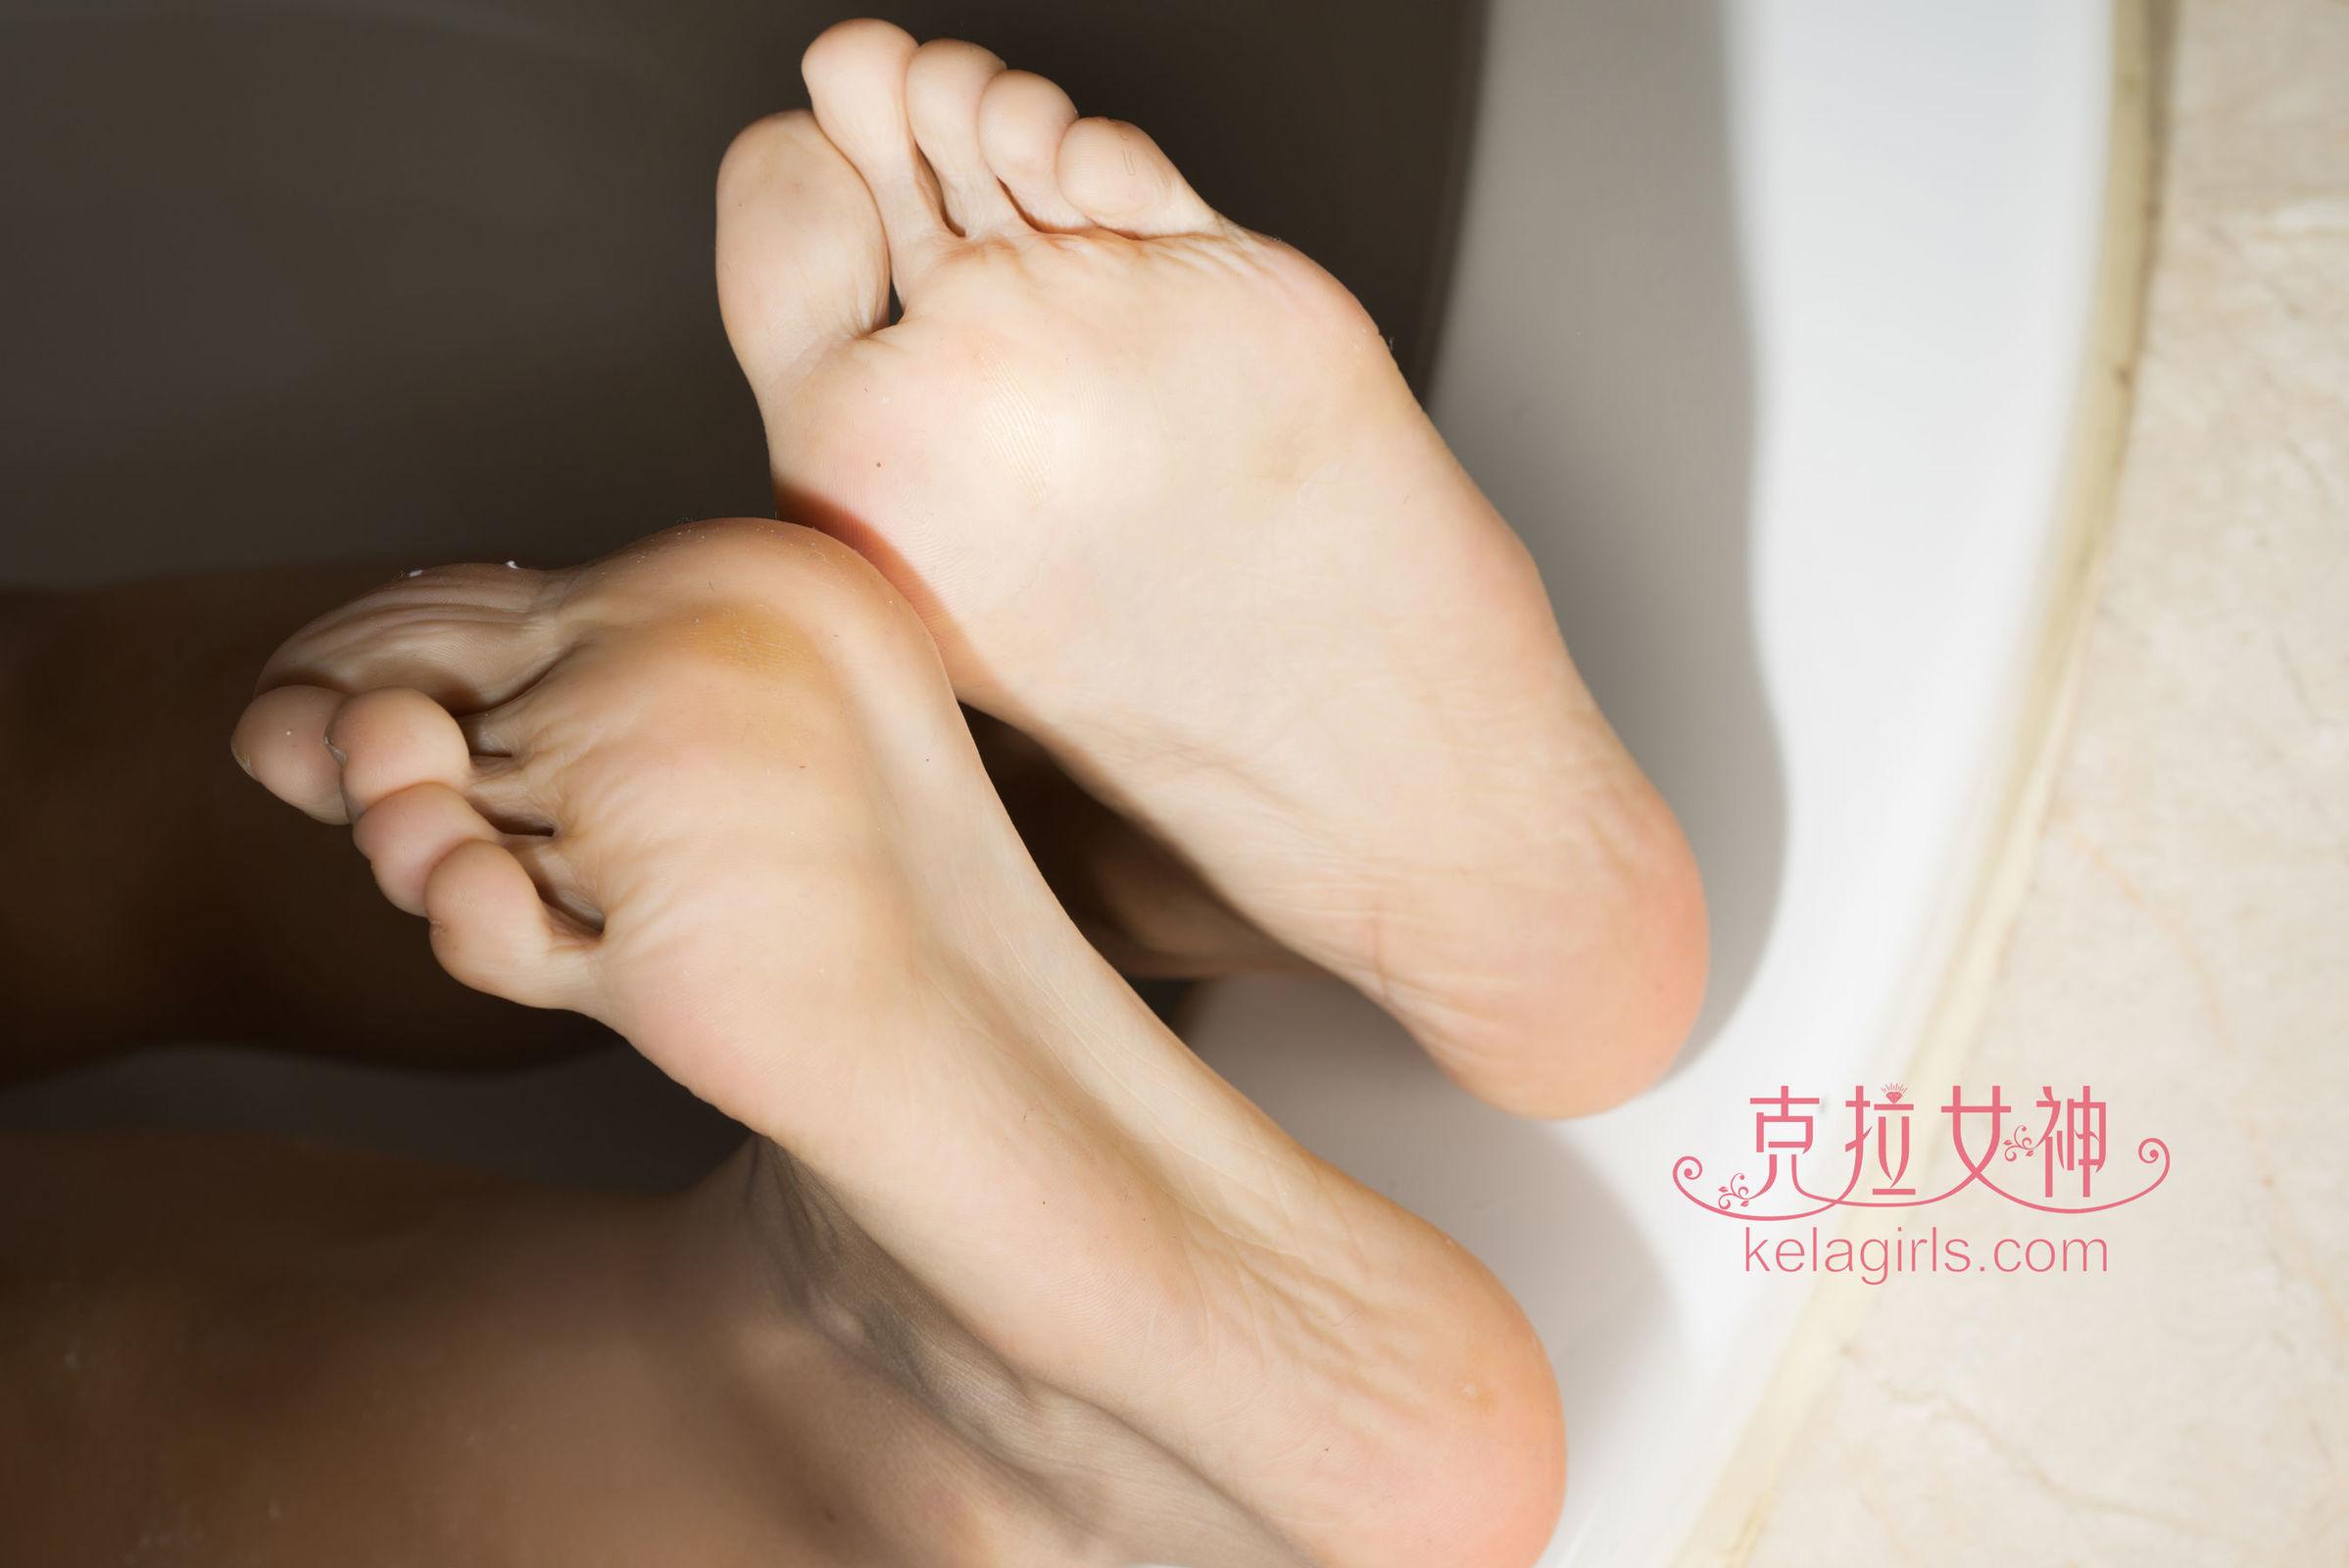 晓晓 - 浴足 写真套图